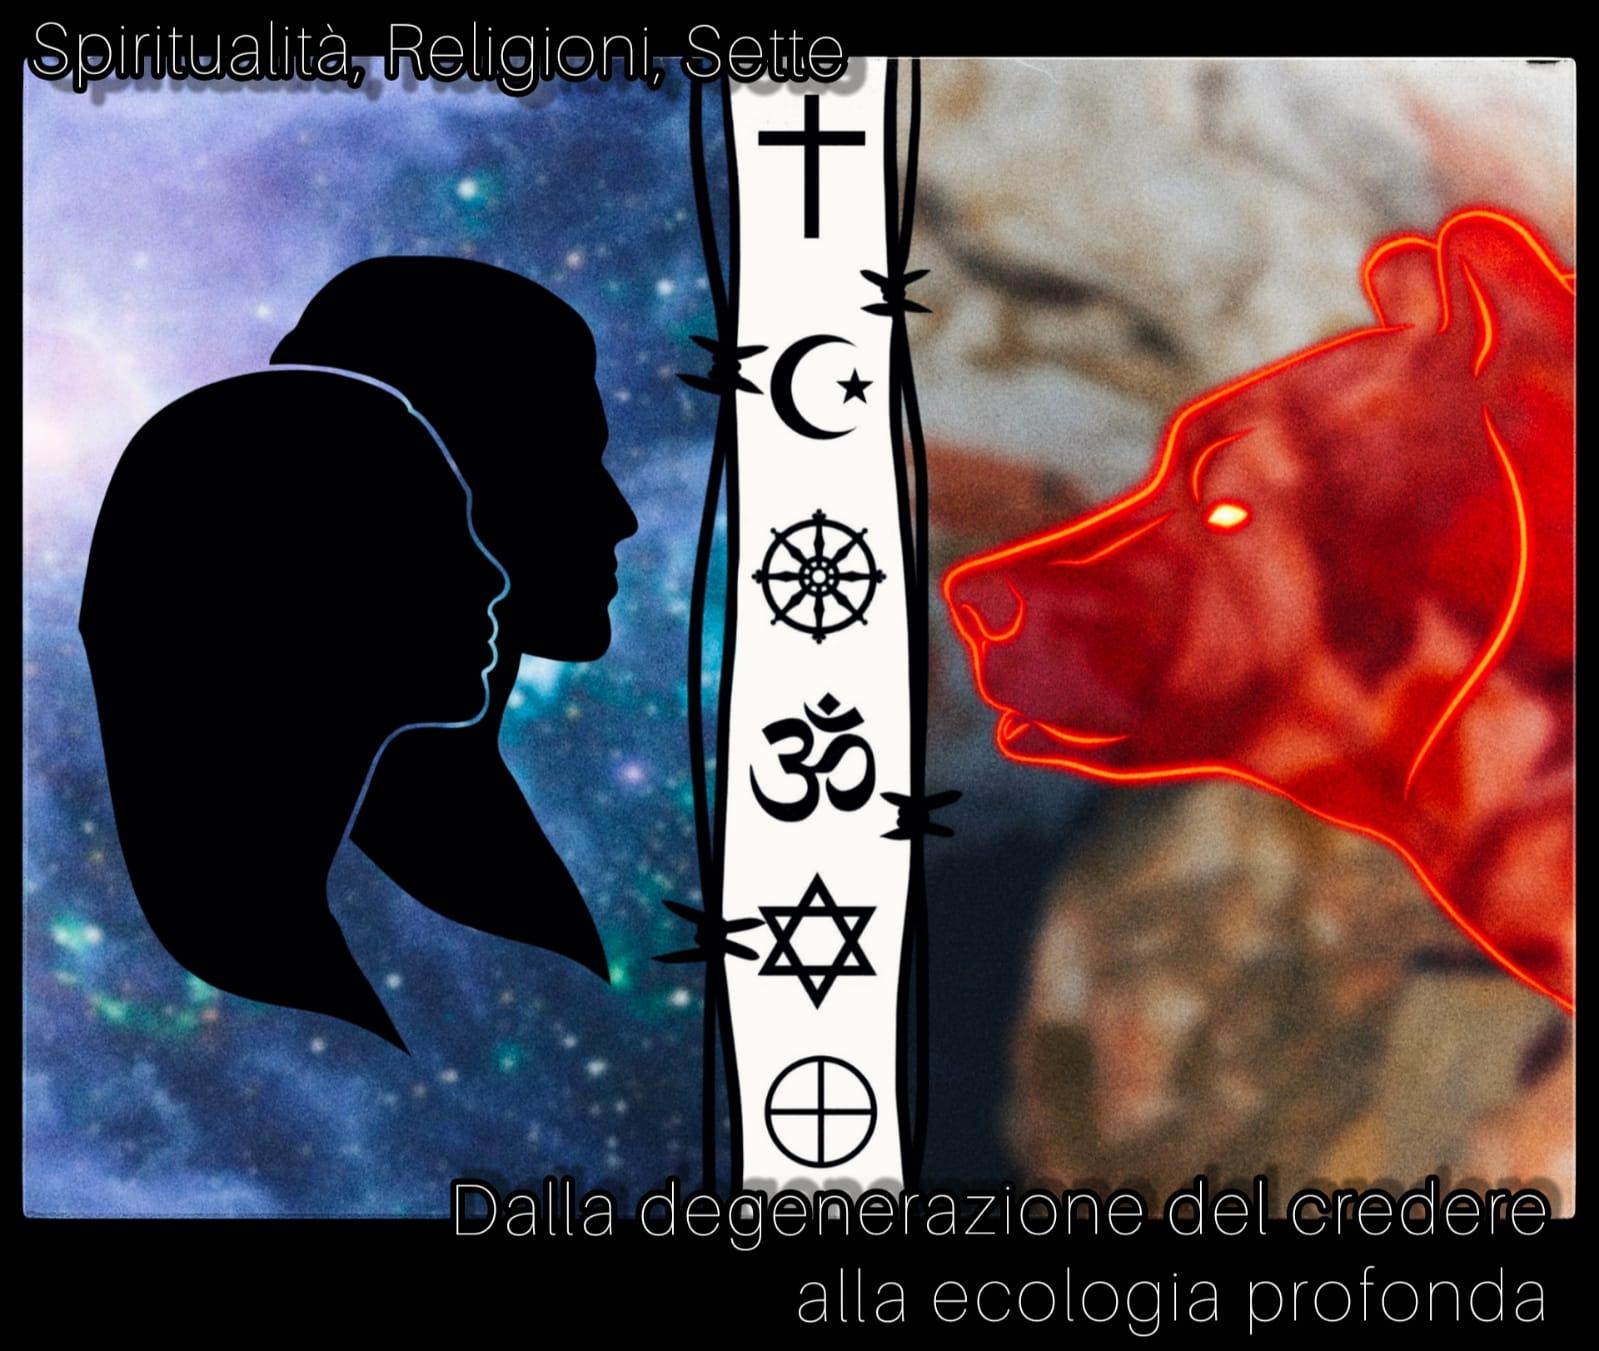 Spiritualità, religioni, sette…dalla degenerazione del credete all'Ecologia Profonda